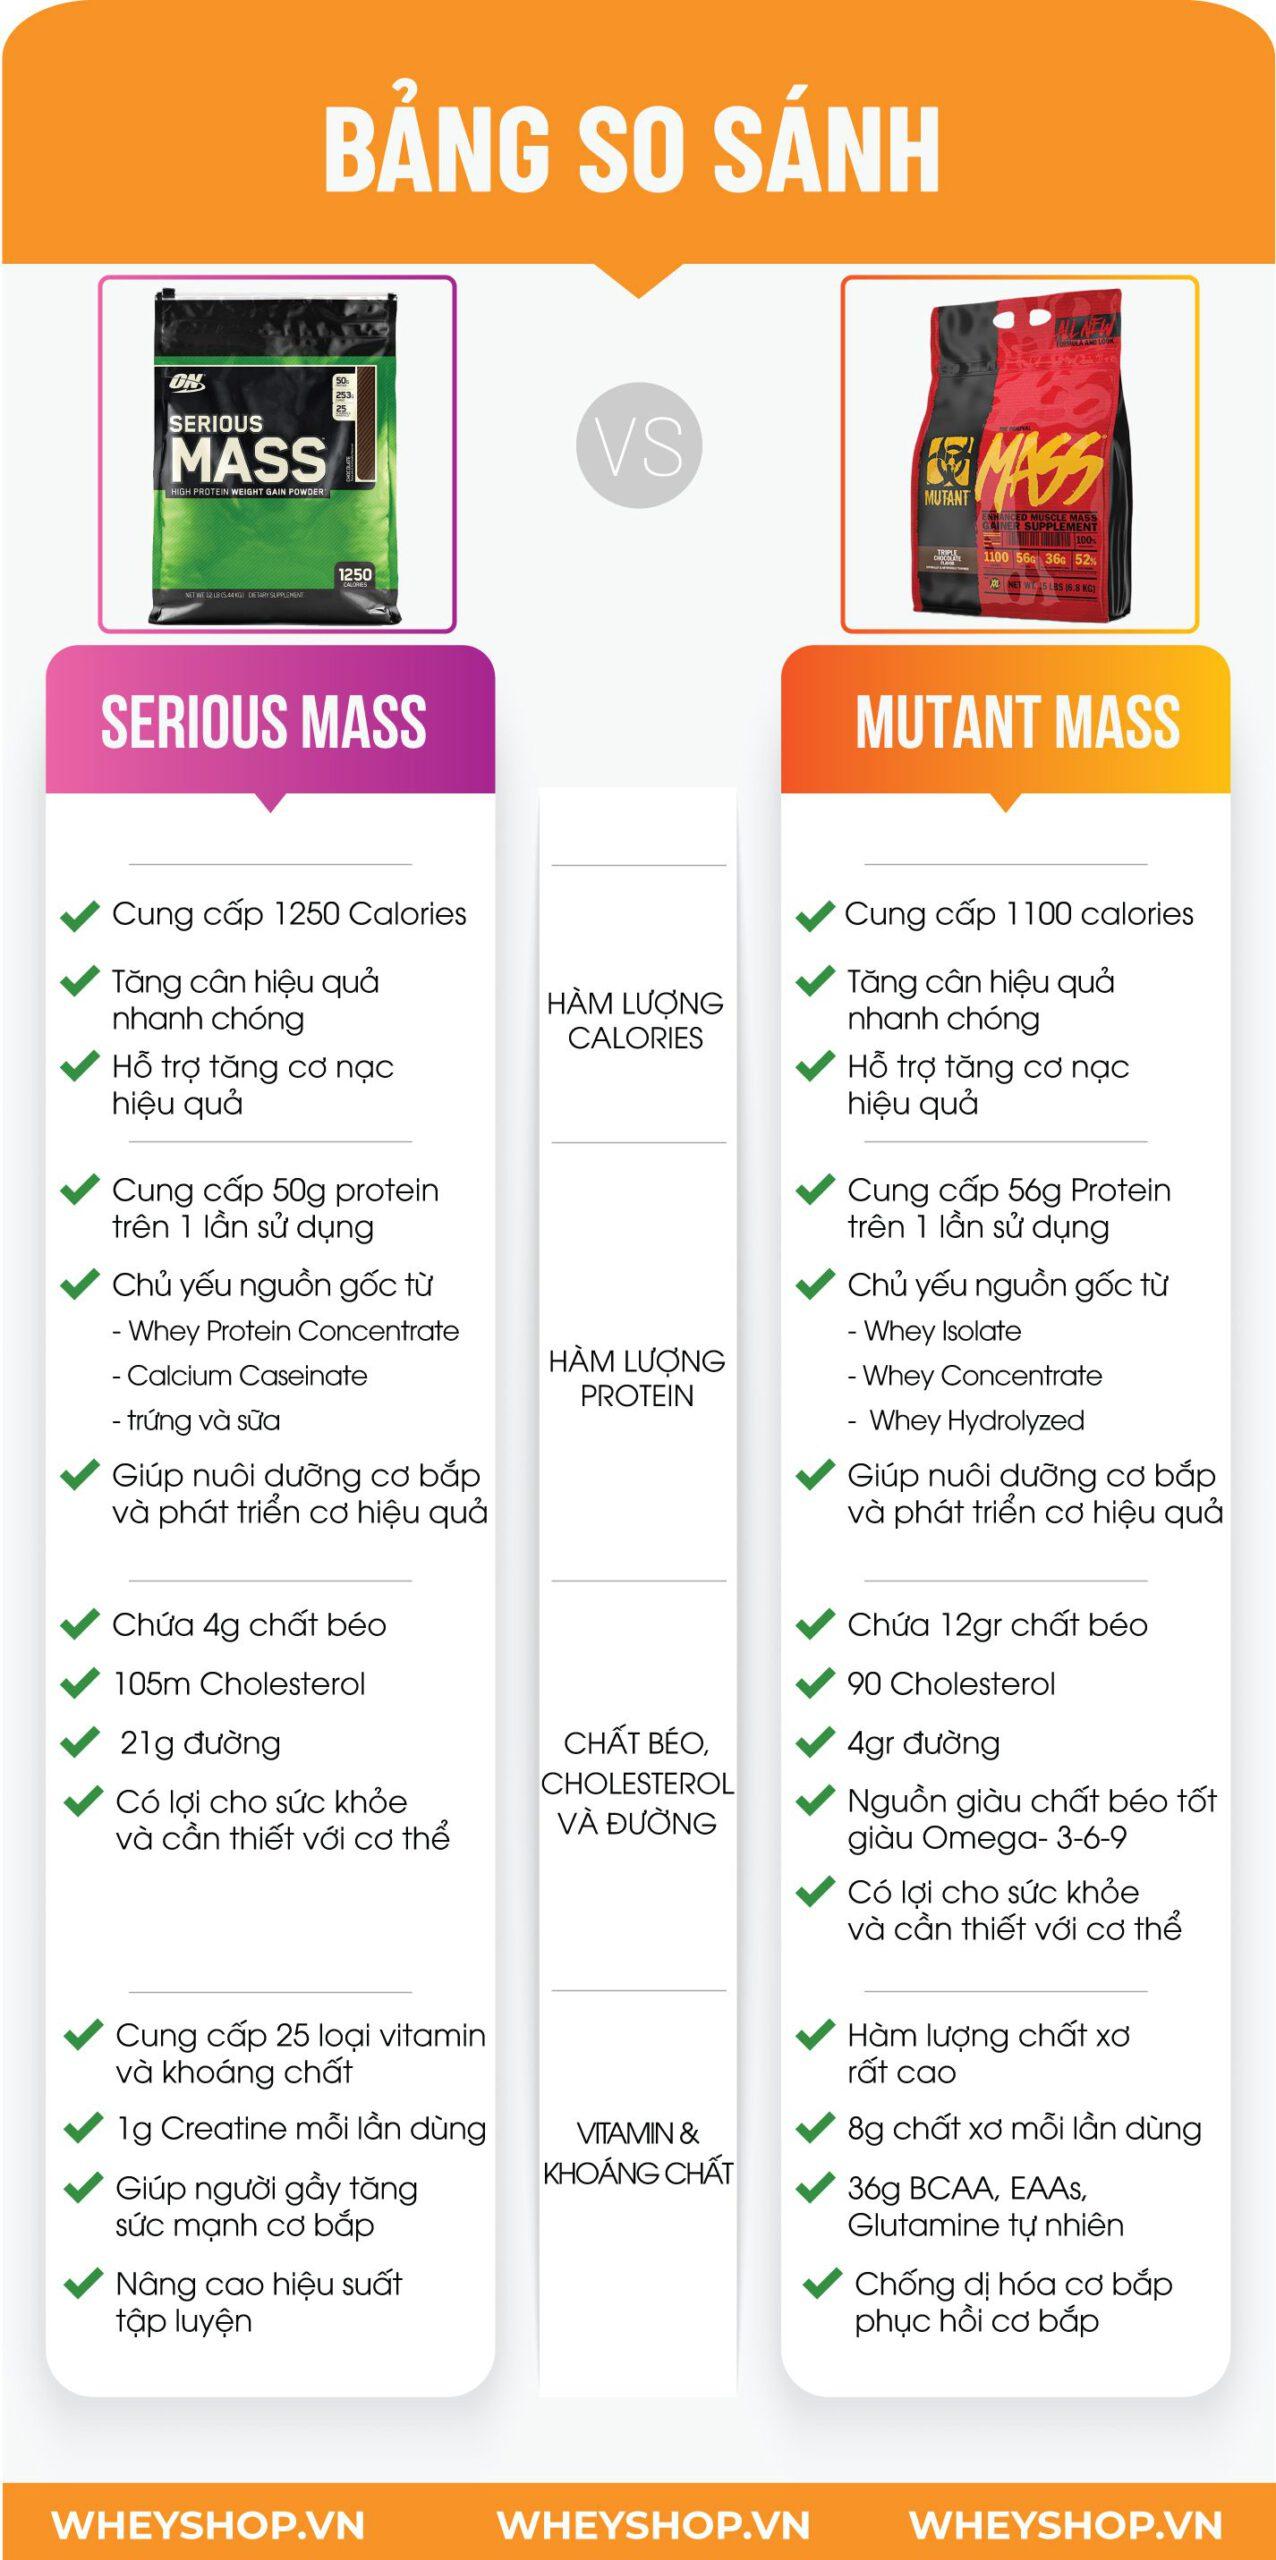 Nếu bạn đang phân vân đánh giá so sánh Mutant Mass và Serious Mass thì hãy tham khảo bài viết của WheyShop sau đây nhé...